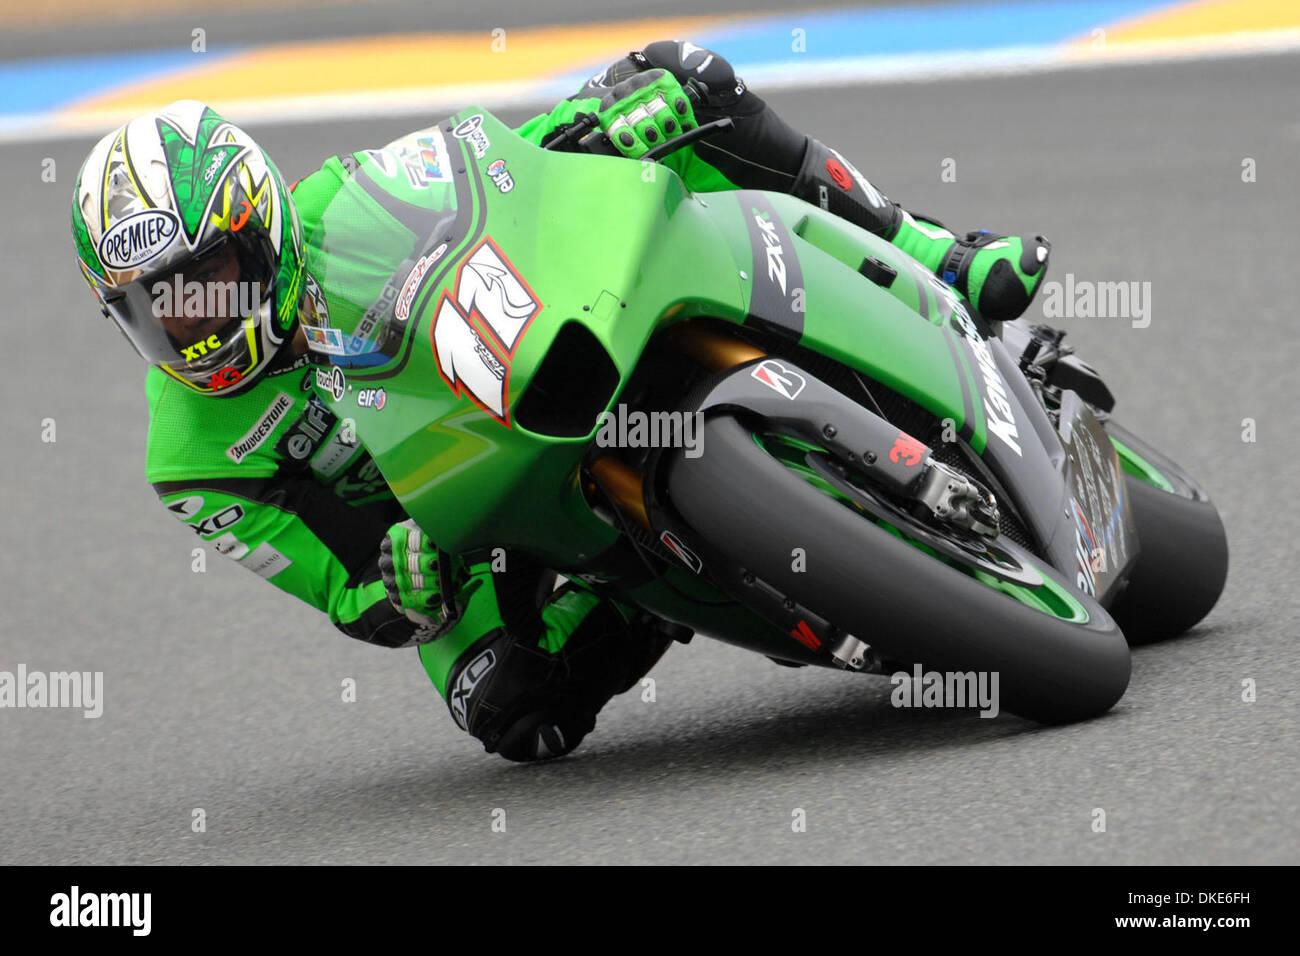 LE MANS (FRANCIA) 18/05/2007 - PROVE LIBERE GRAN PREMIO DI MOTOCICLISMO / NIETO / FOTO GIORGIO NEYROZ/SPORT IMAGE Stock Photo